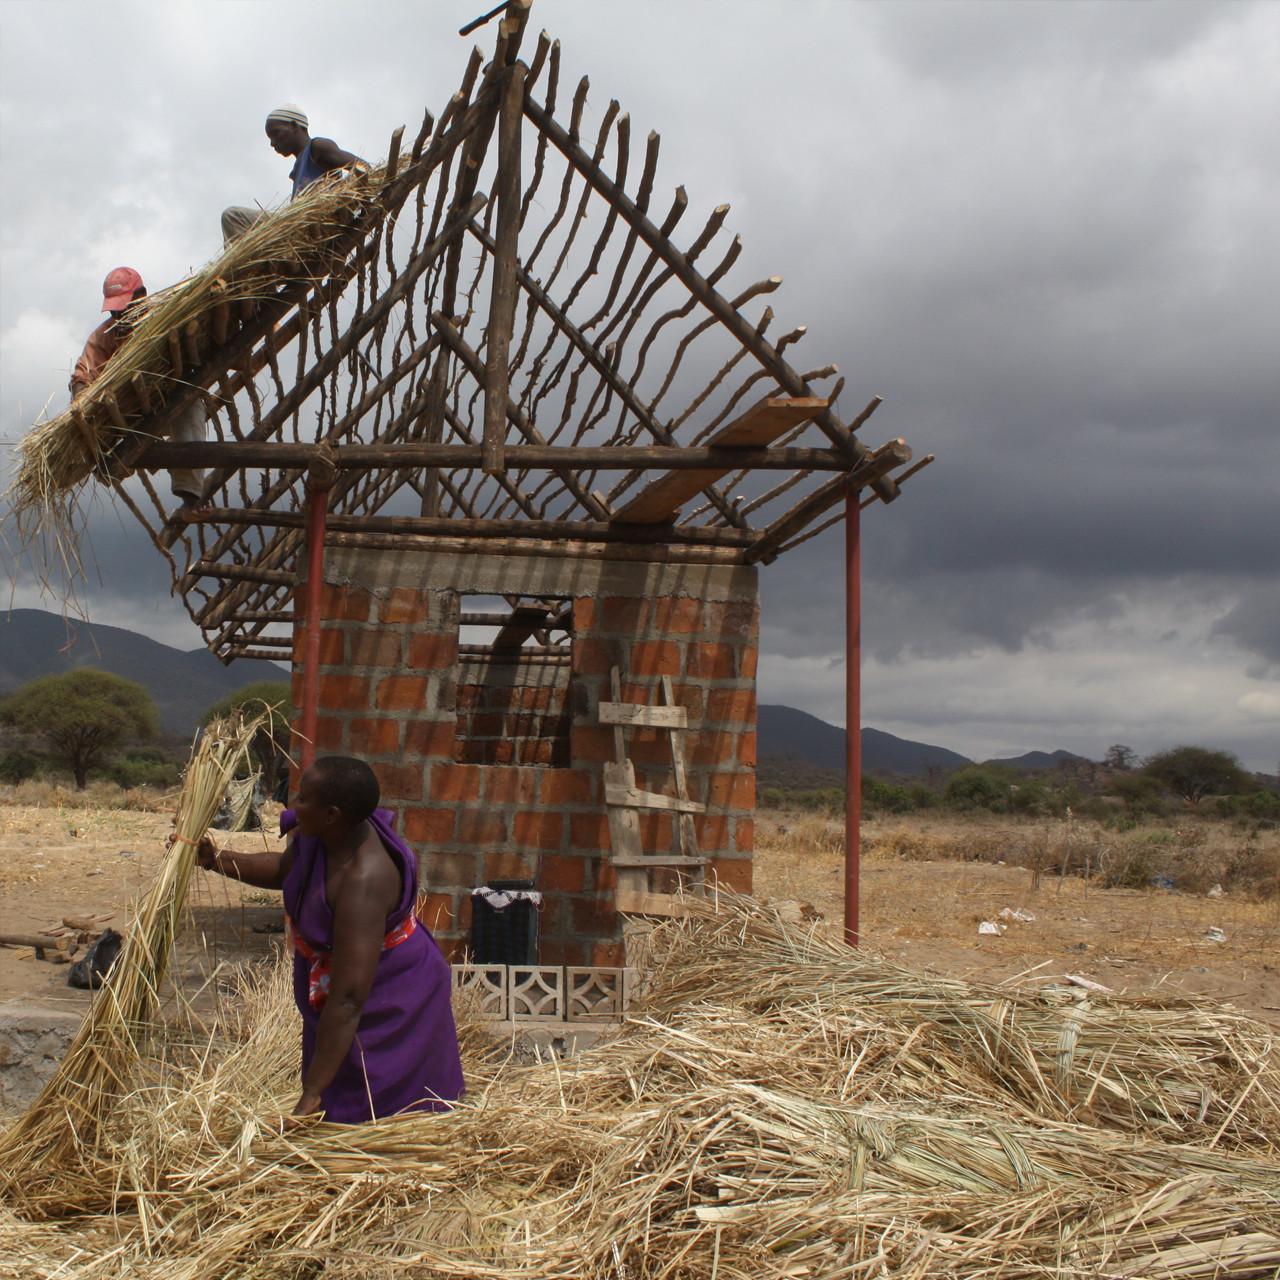 C-re-a.i.d: estudiantes voluntarios ayudan a levantar viviendas en Tanzania, Cortesia de C-re-aid